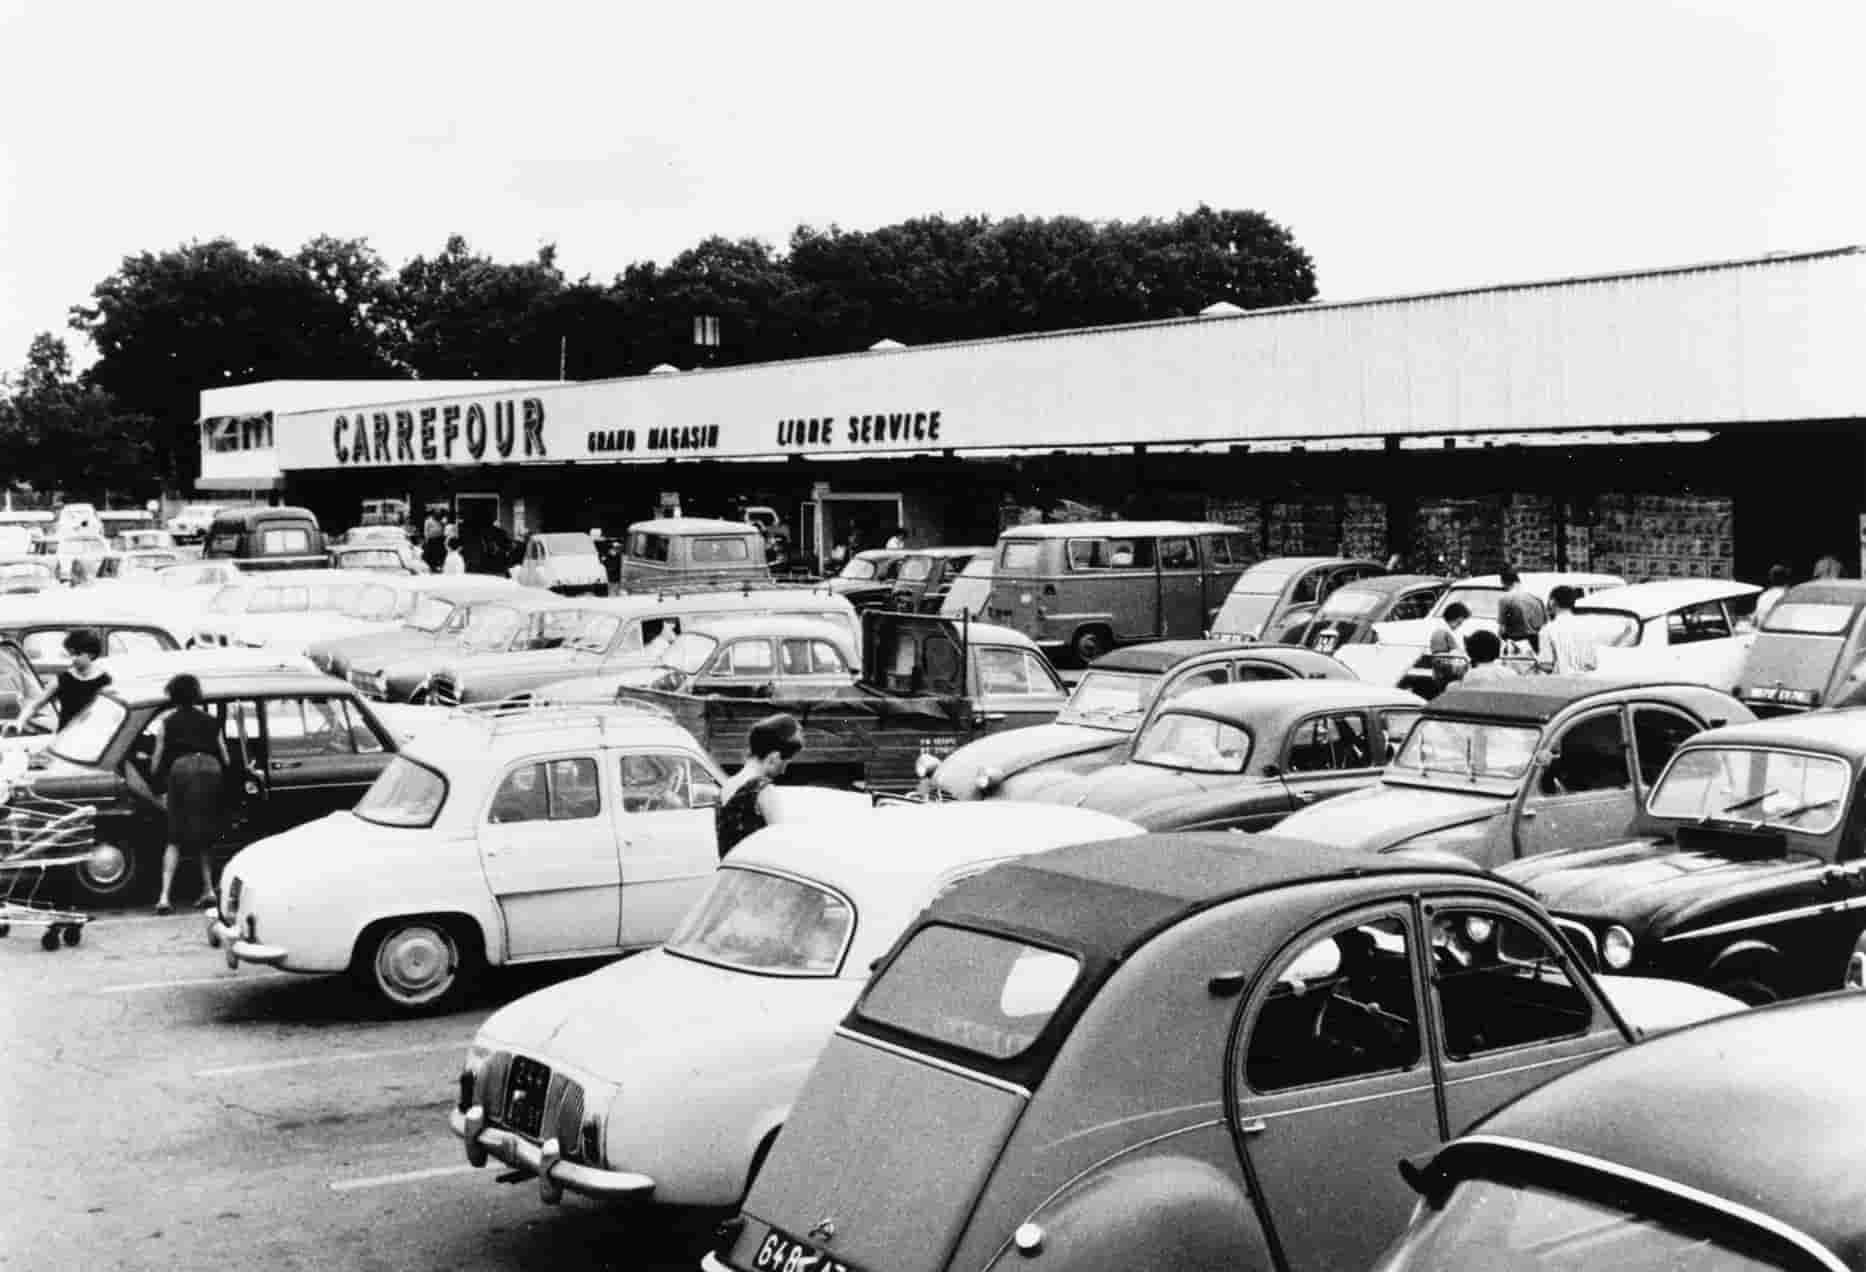 Inauguration du premier hypermarché de France, le Carrefour de Reuil Malmaison le 15 juin 1963.